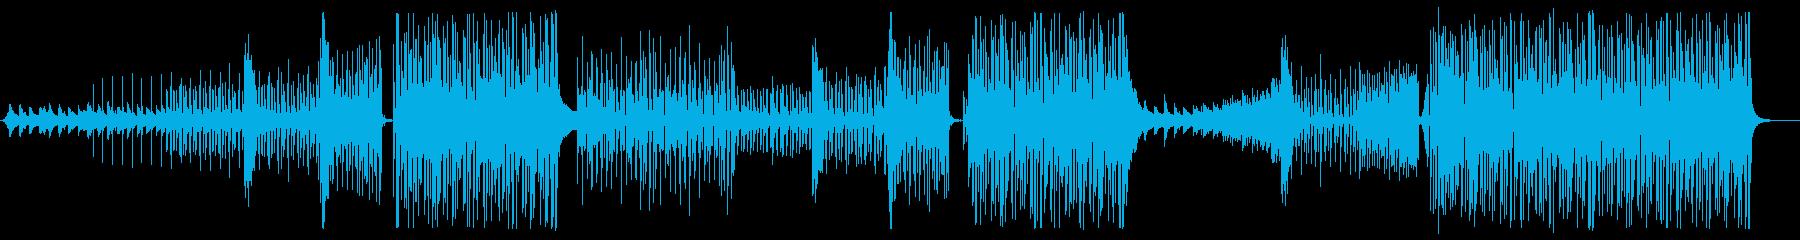 夏 爽やか ハウス メロ無版の再生済みの波形